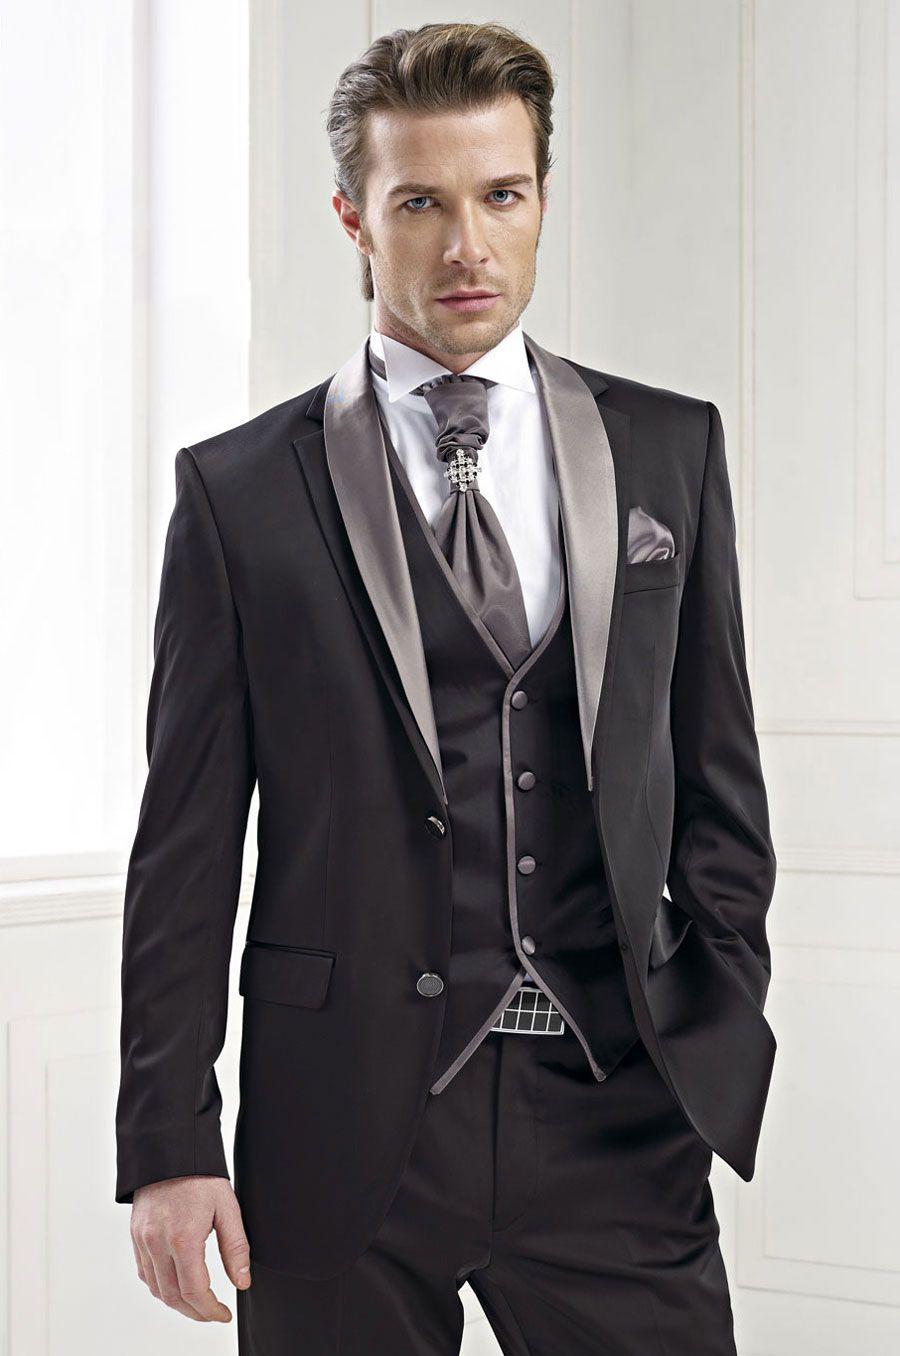 Wedding Suits For Men Inspiration For Male | Anzug hochzeit und Anzüge